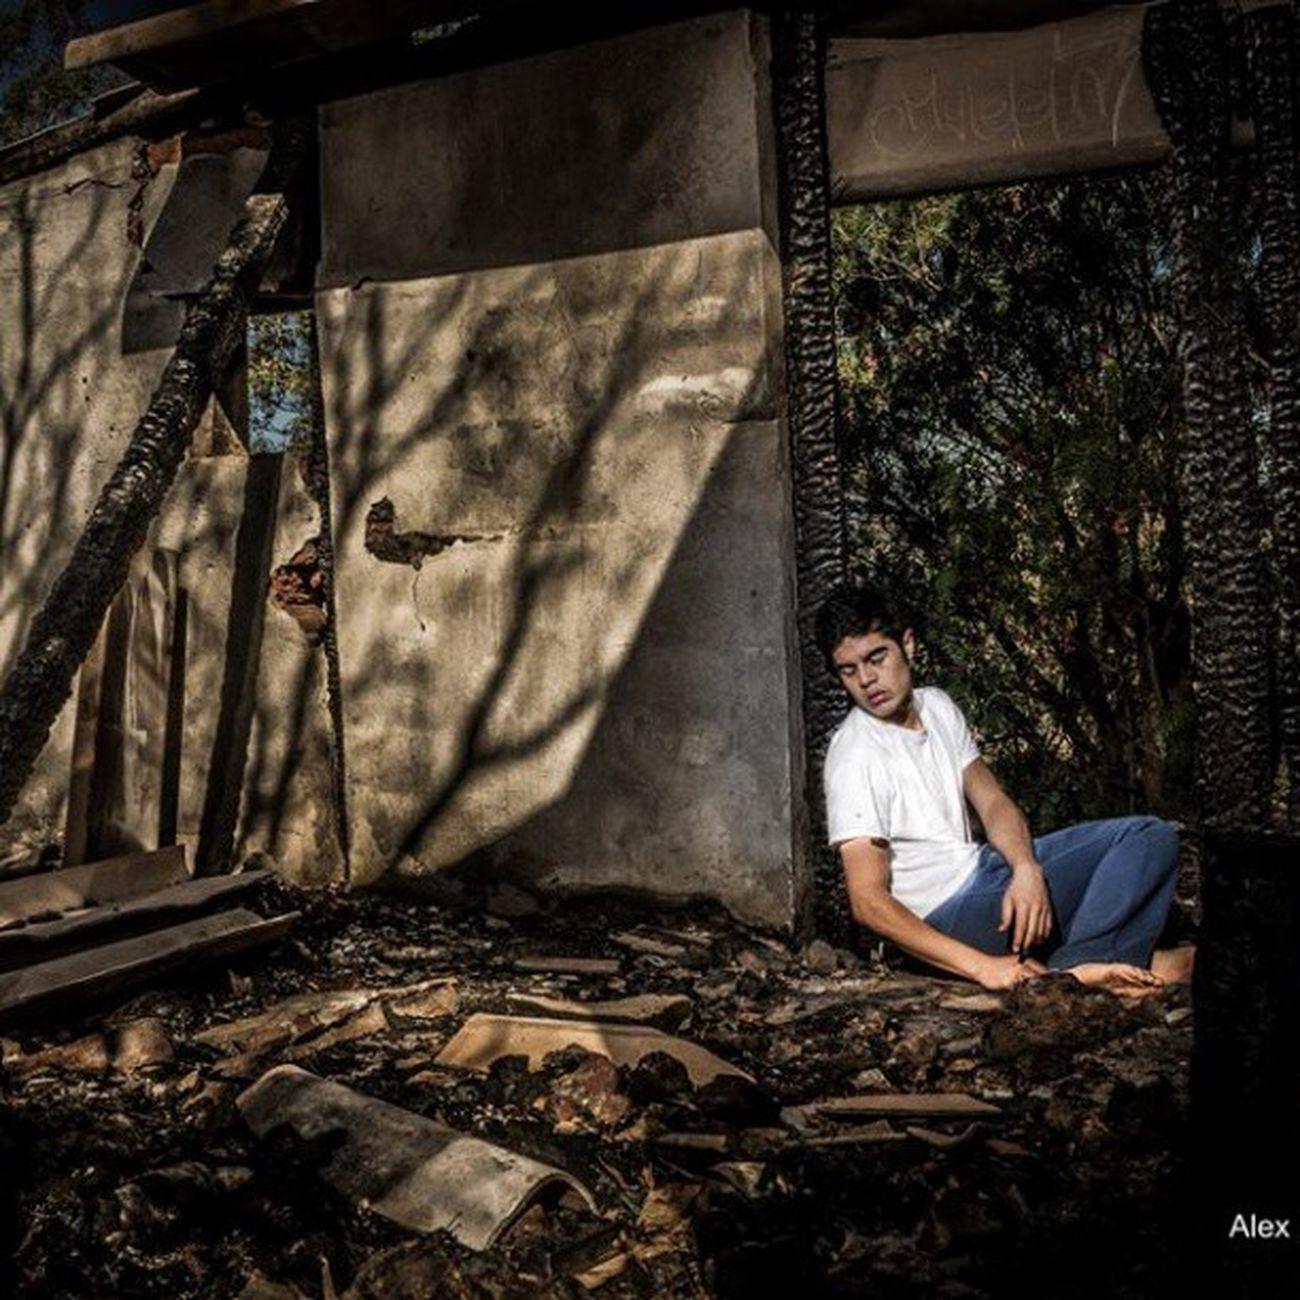 87/365 Ahfotografia 365project ByAlexHernández MyArt Photography